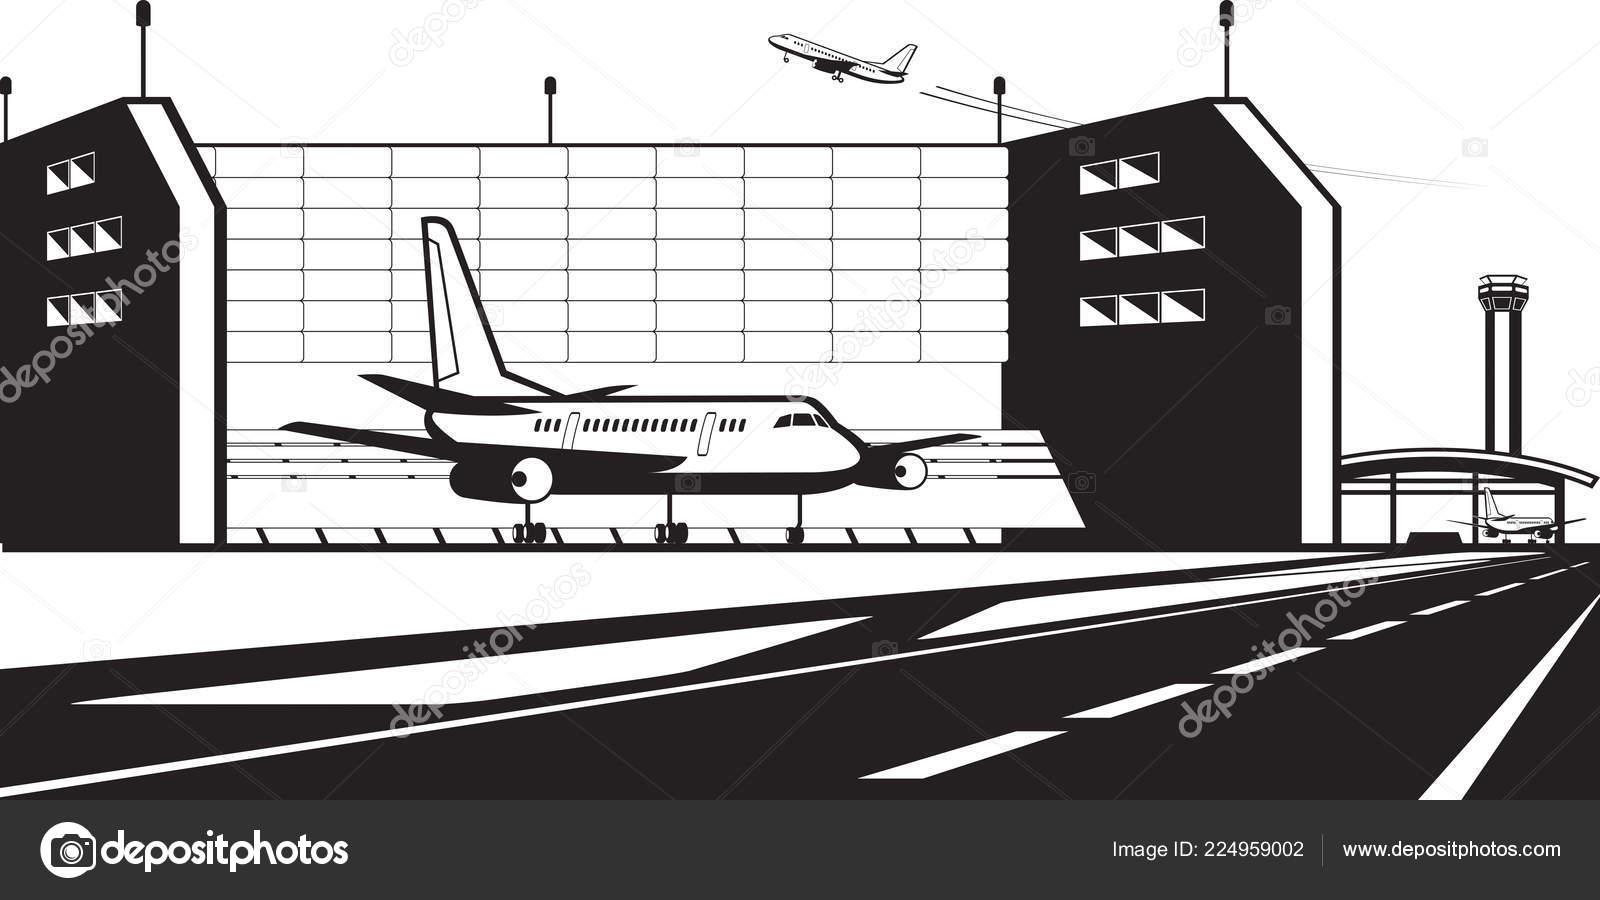 Banc Essai Moteur Avion Aéroport Illustration Vectorielle Image